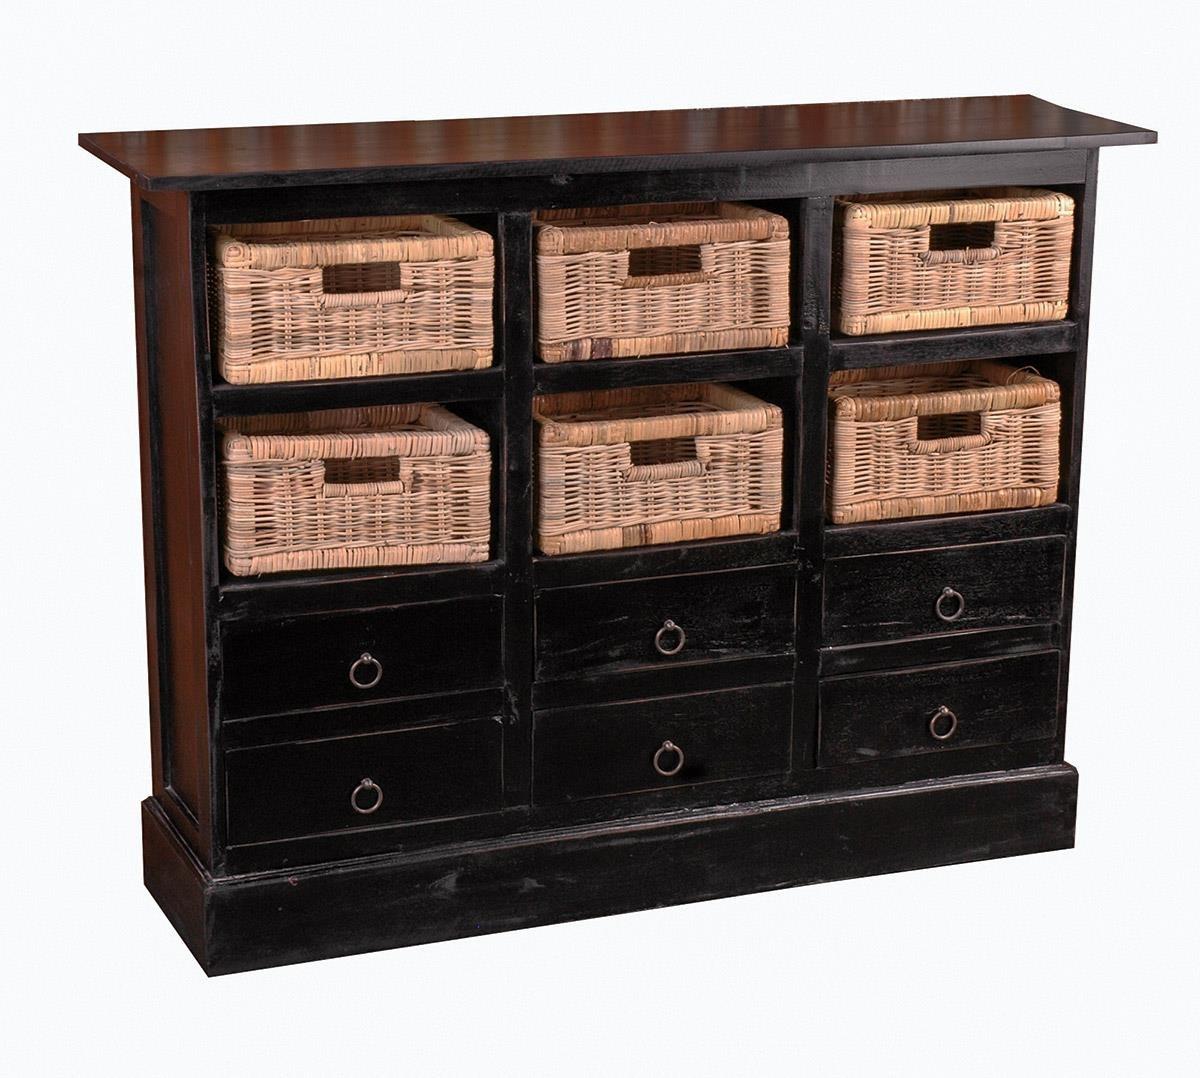 6-Basket Cabinet